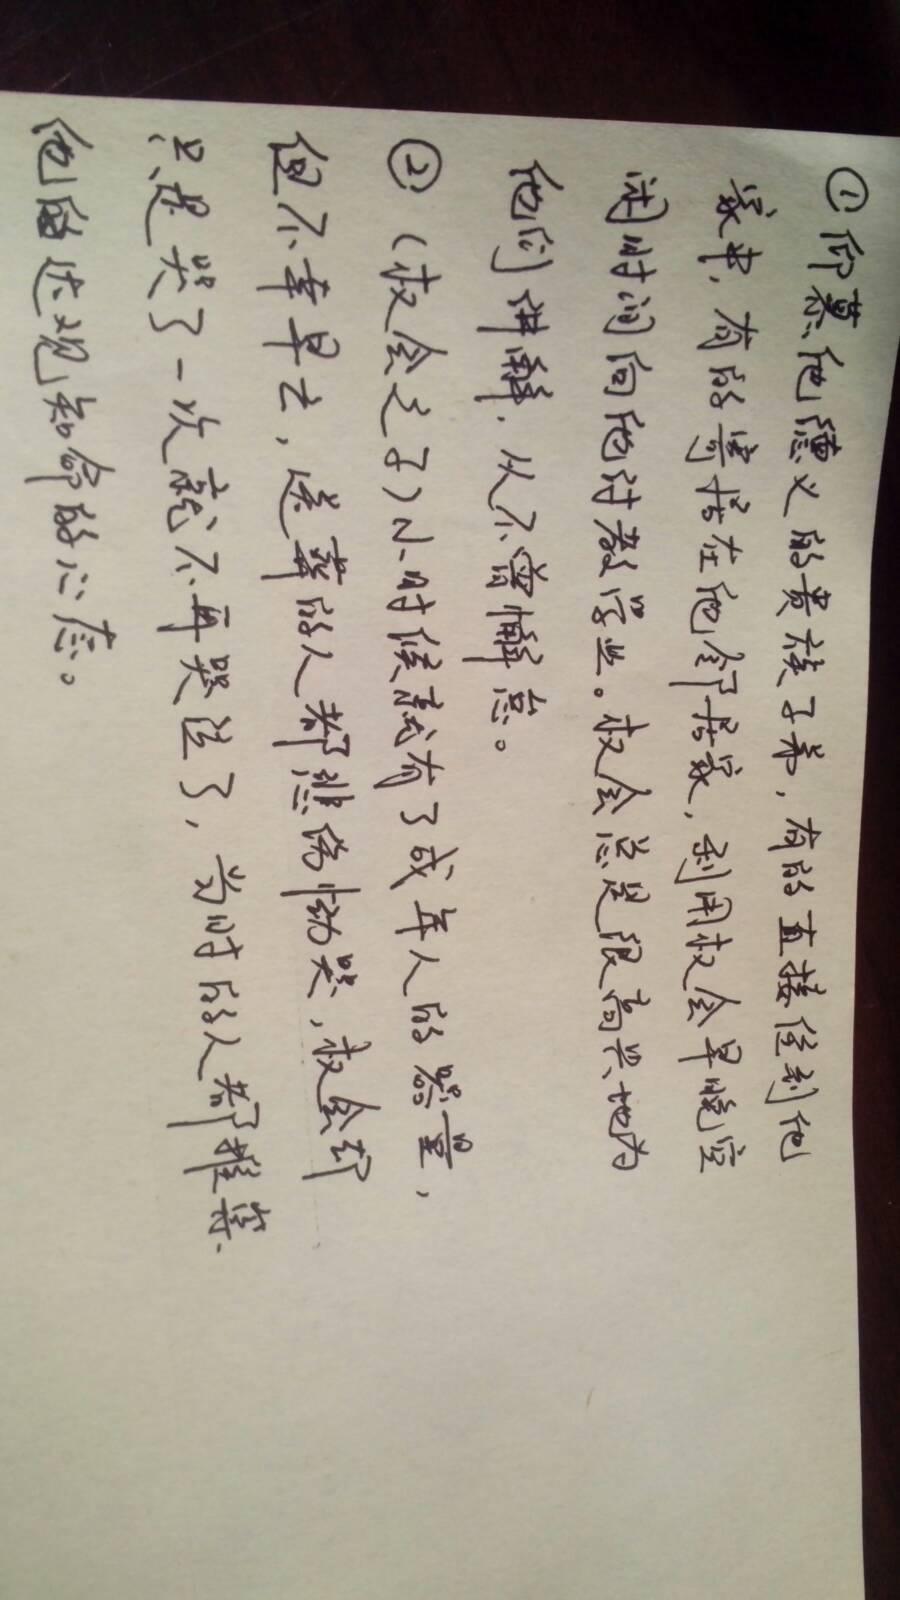 求这个文言文翻译图片